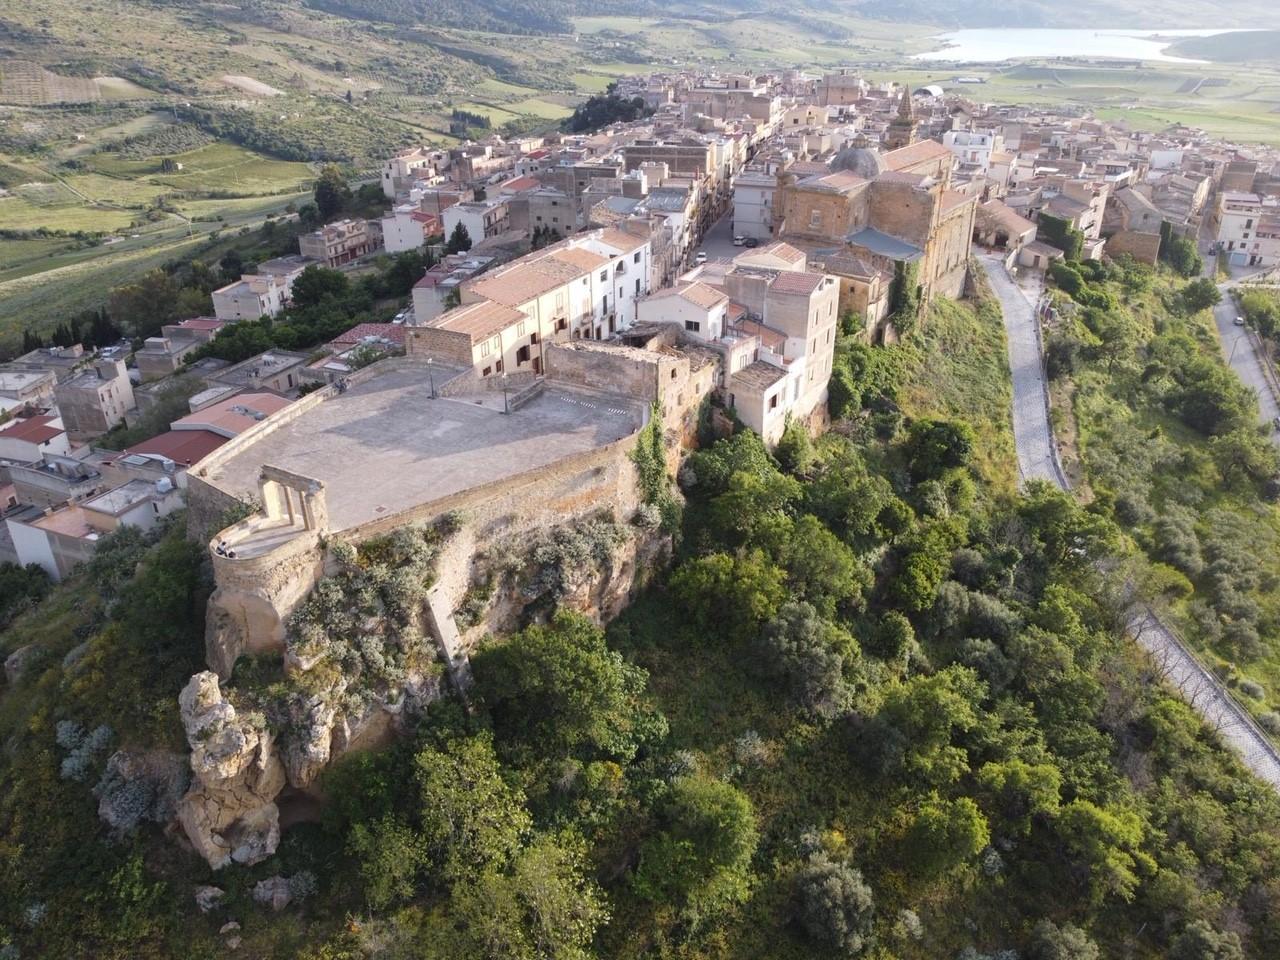 Sambuca di Sicilia / Imagem do vice-presidente da câmara Sambuca di Sicilia, Giuseppe Cacioppo